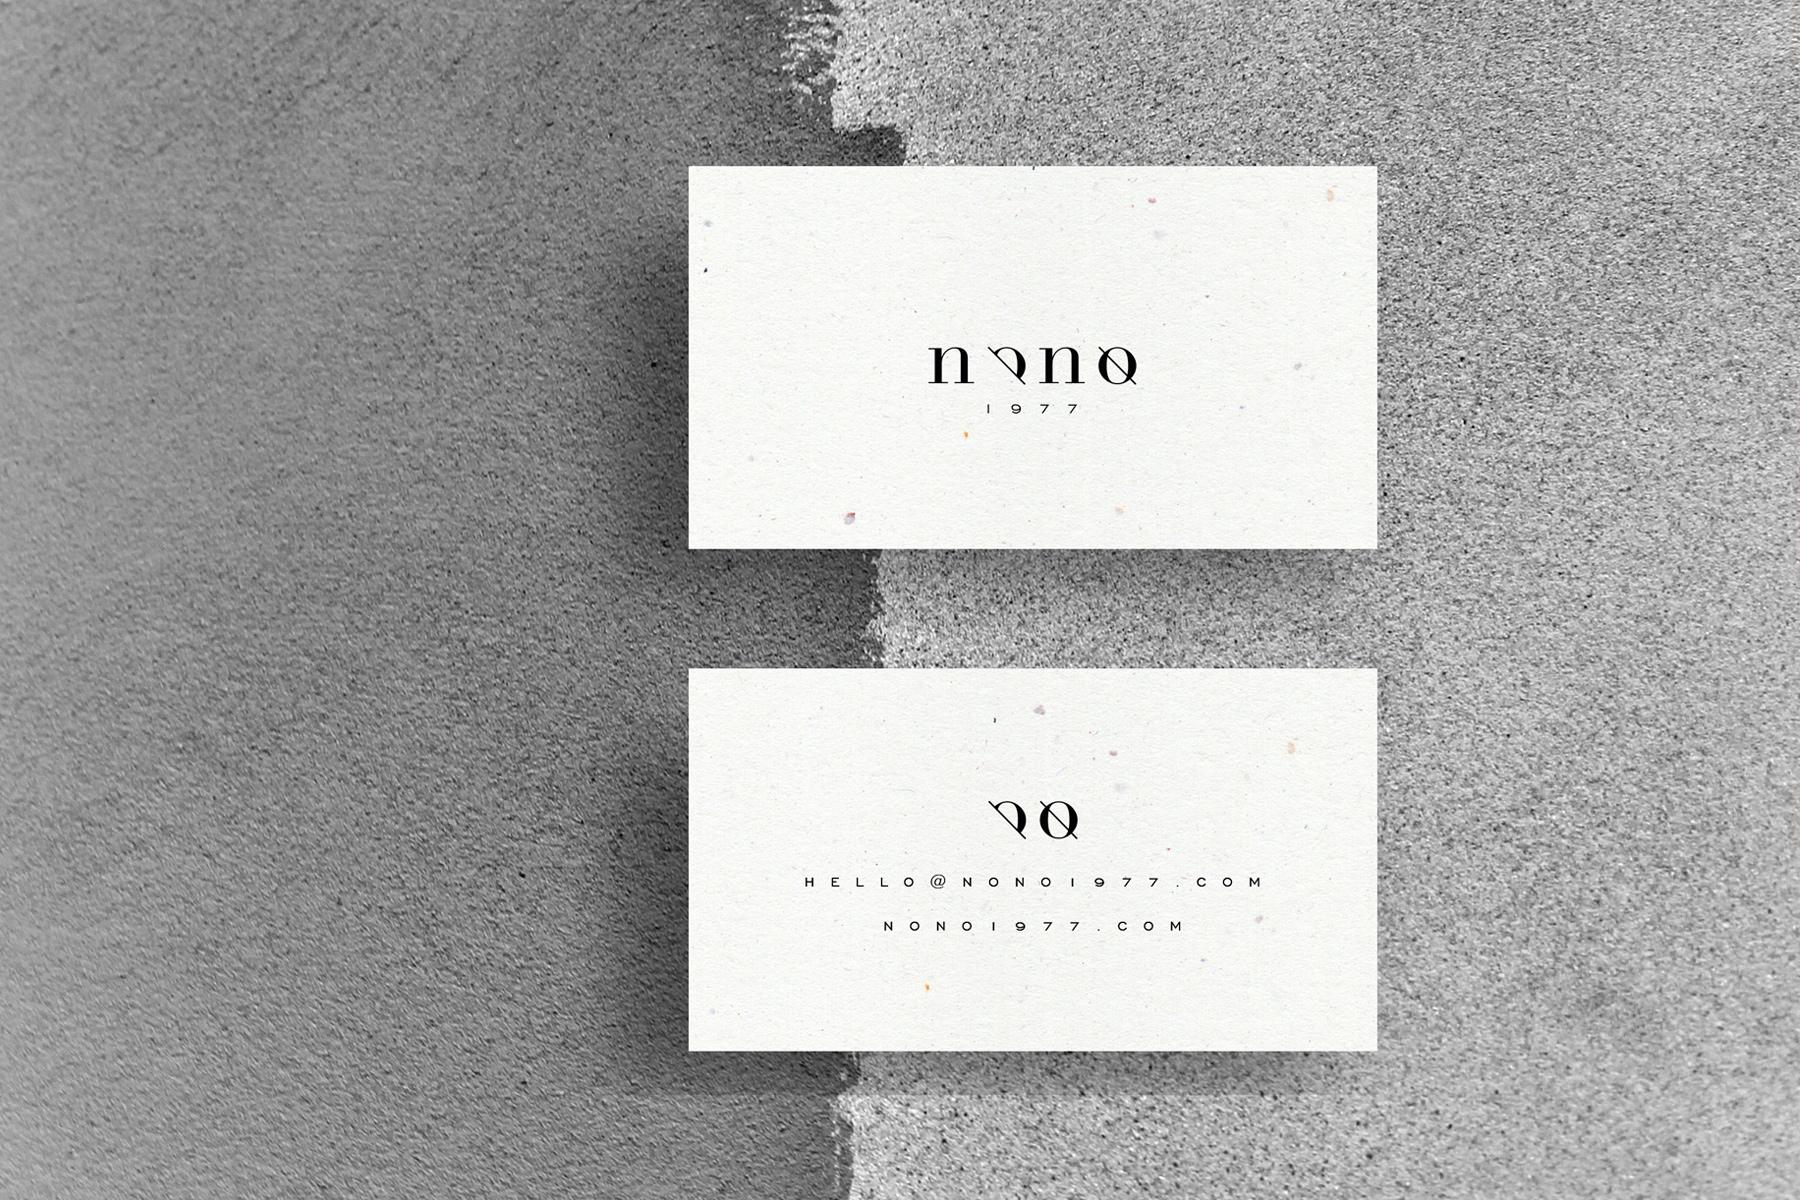 Composición gráfica de tarjetas corporativas para Nono - Supermundano